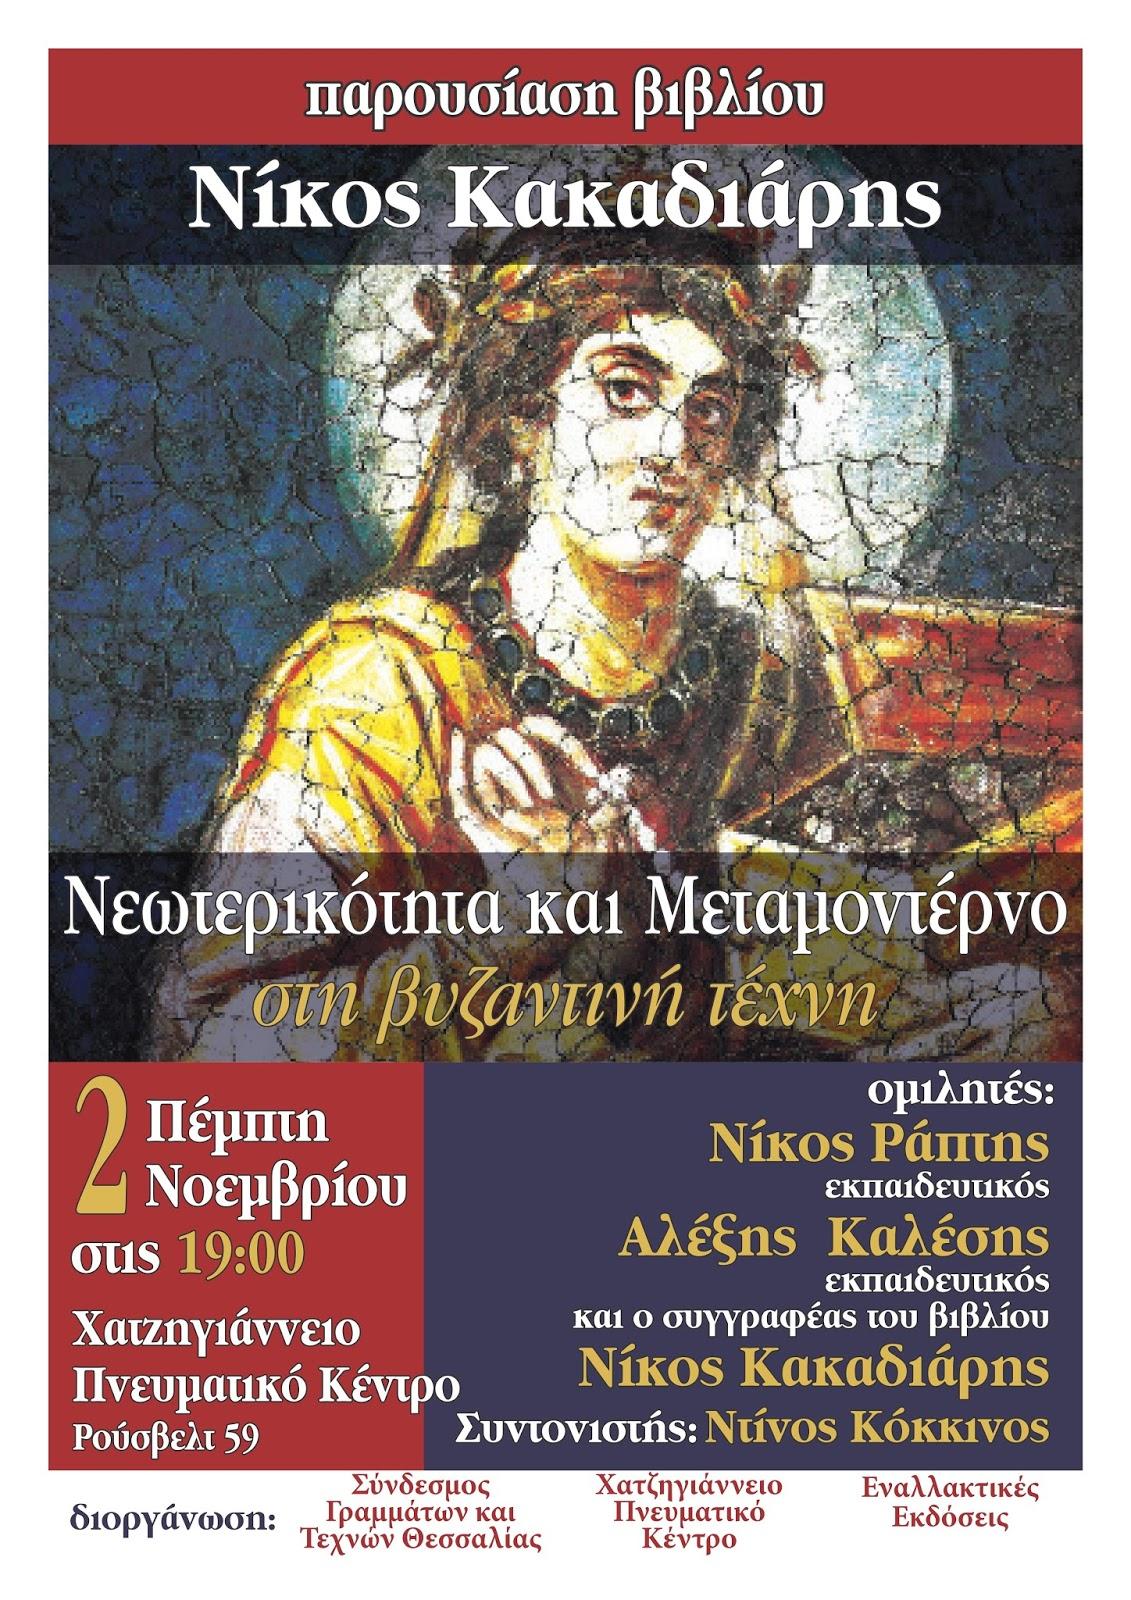 Παρουσίαση βιβλίου «Νεωτερικότητα και Μεταμοντέρνο στη βυζαντινή τέχνη» στο Χατζηγιάννειο Πνευματικό Κέντρο στη Λάρισα